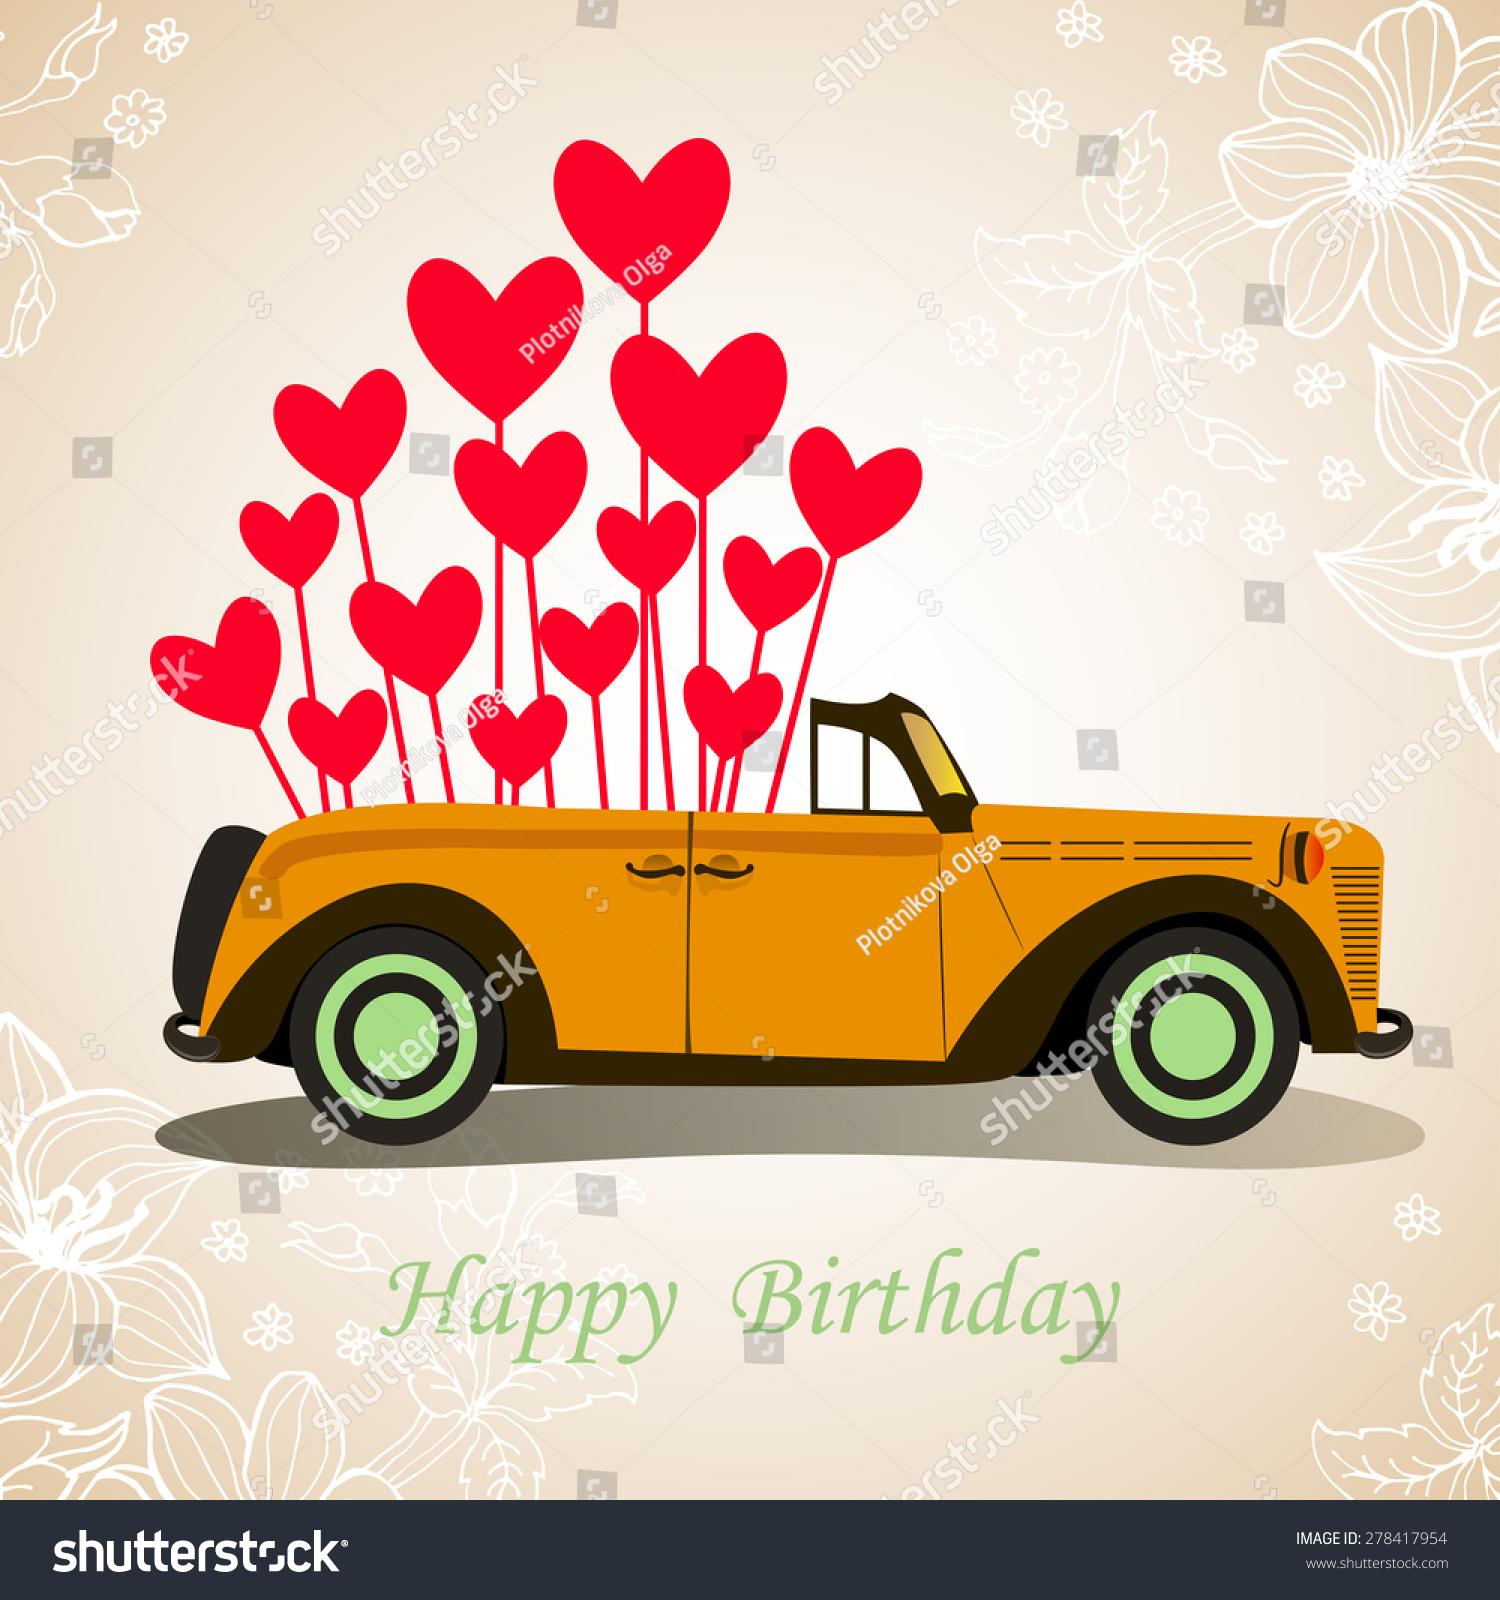 Retro Cabriolet Car Happy Birthday With Hearts 278417954